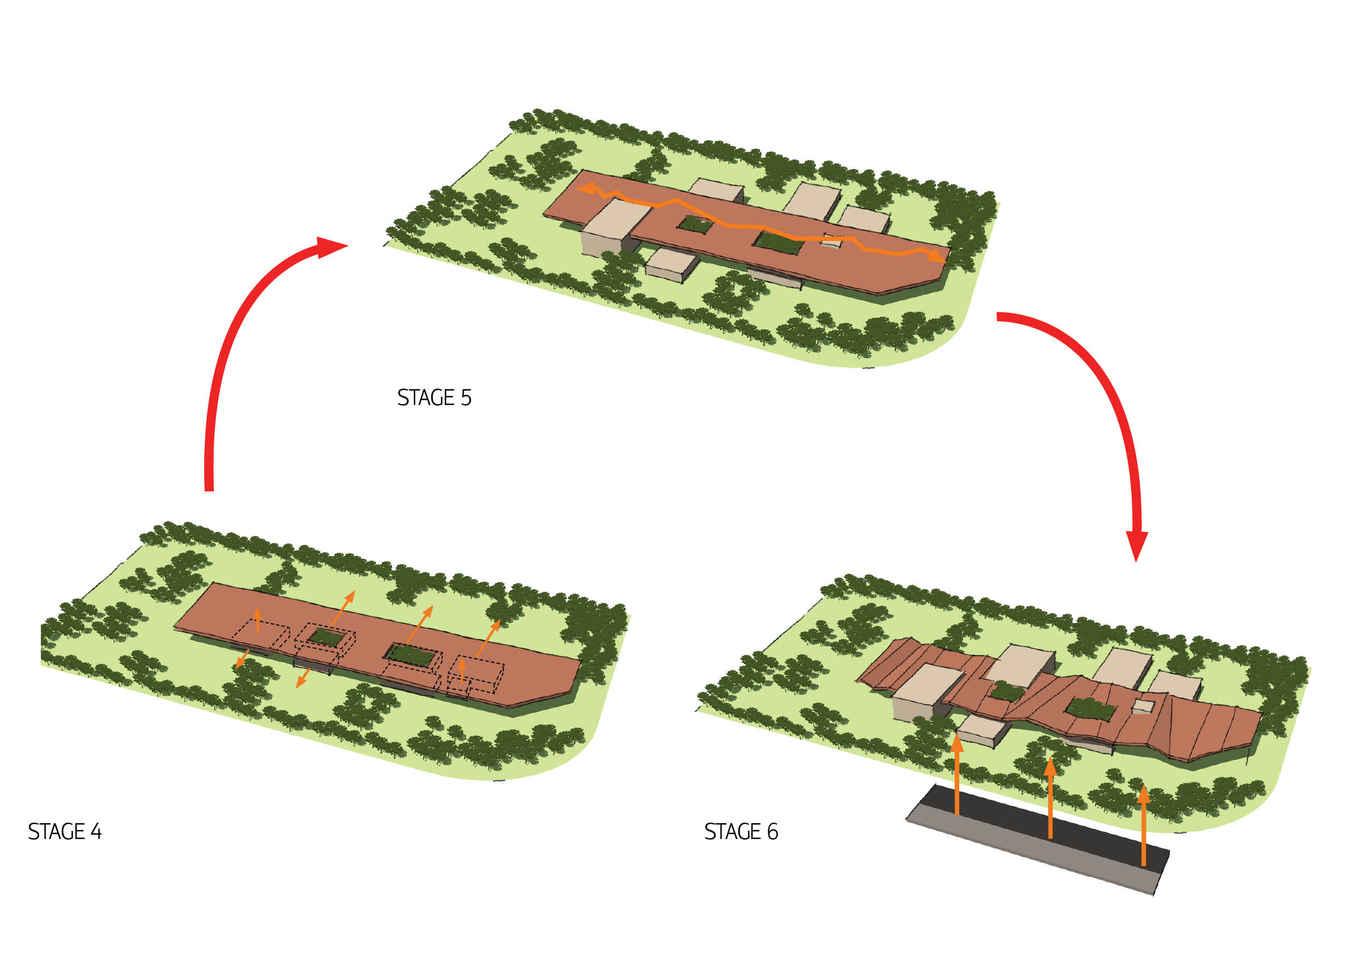 LAB_CTC_111019_Concept Diagram_P02.jpg